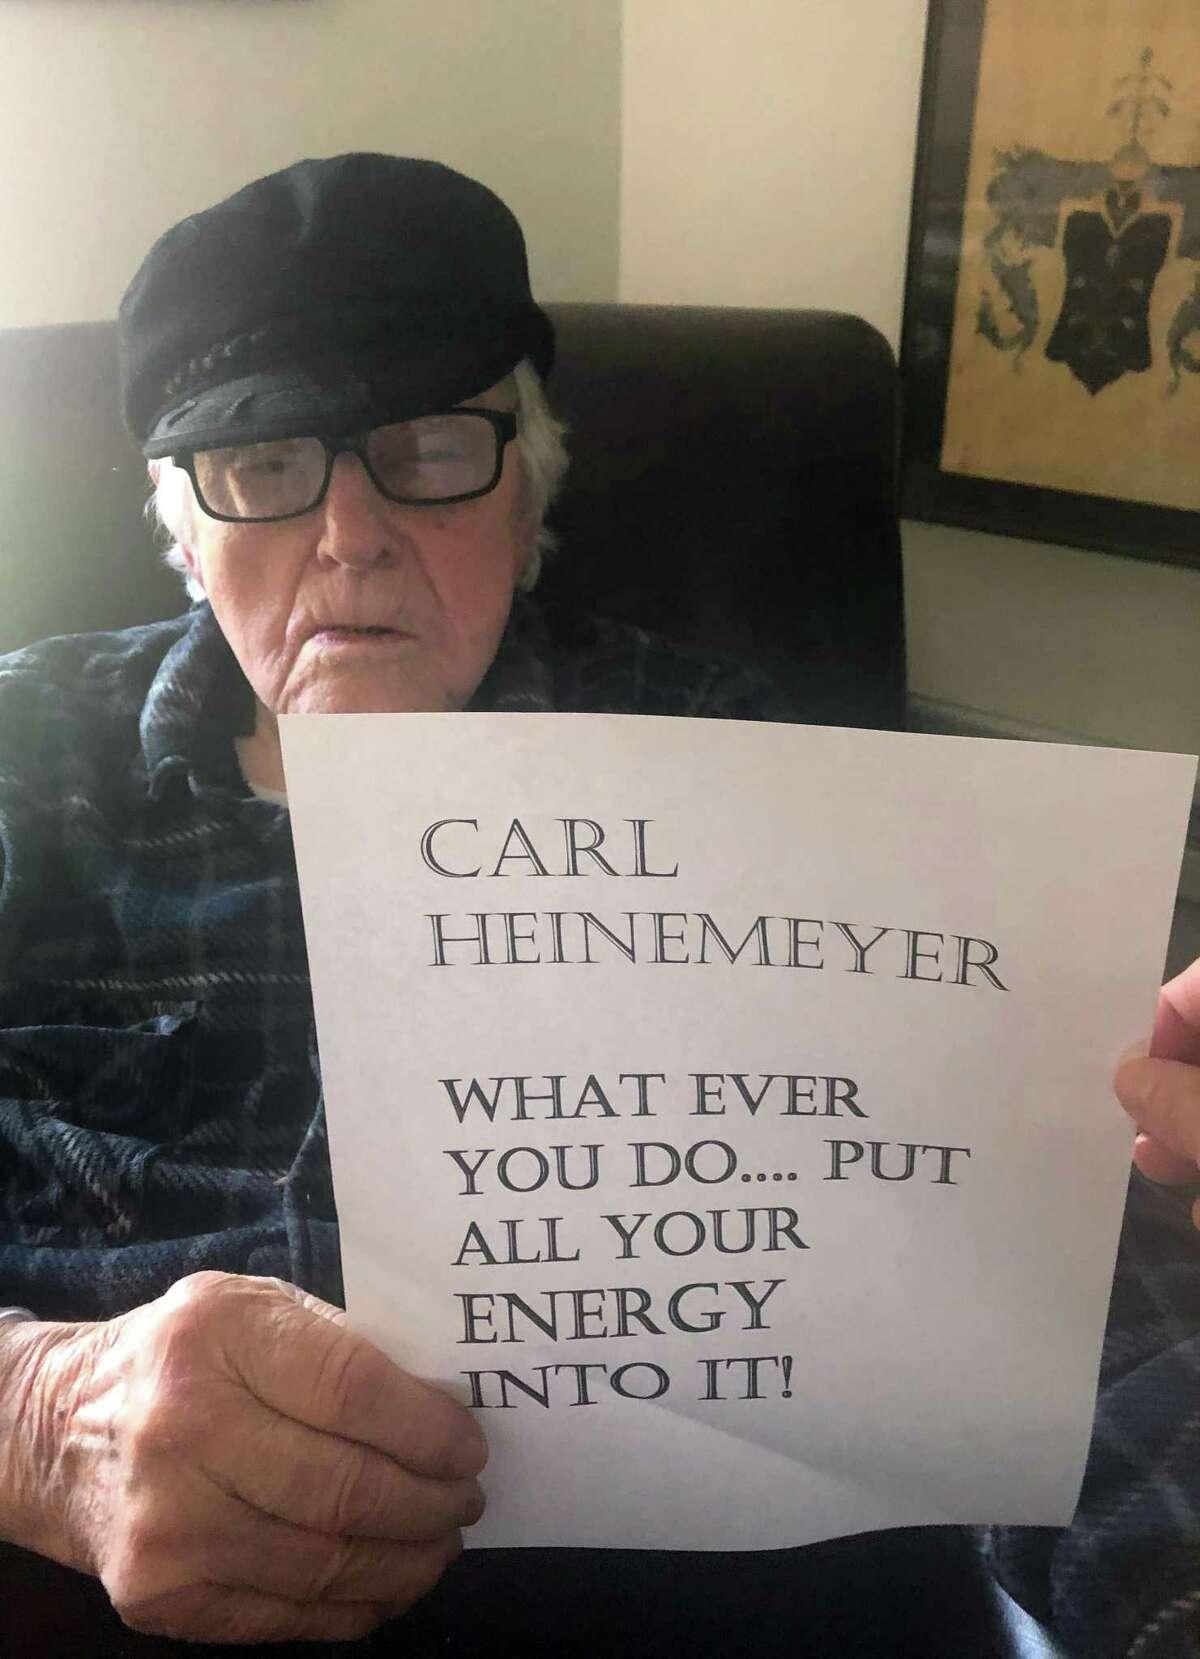 Carl Heinemeyer